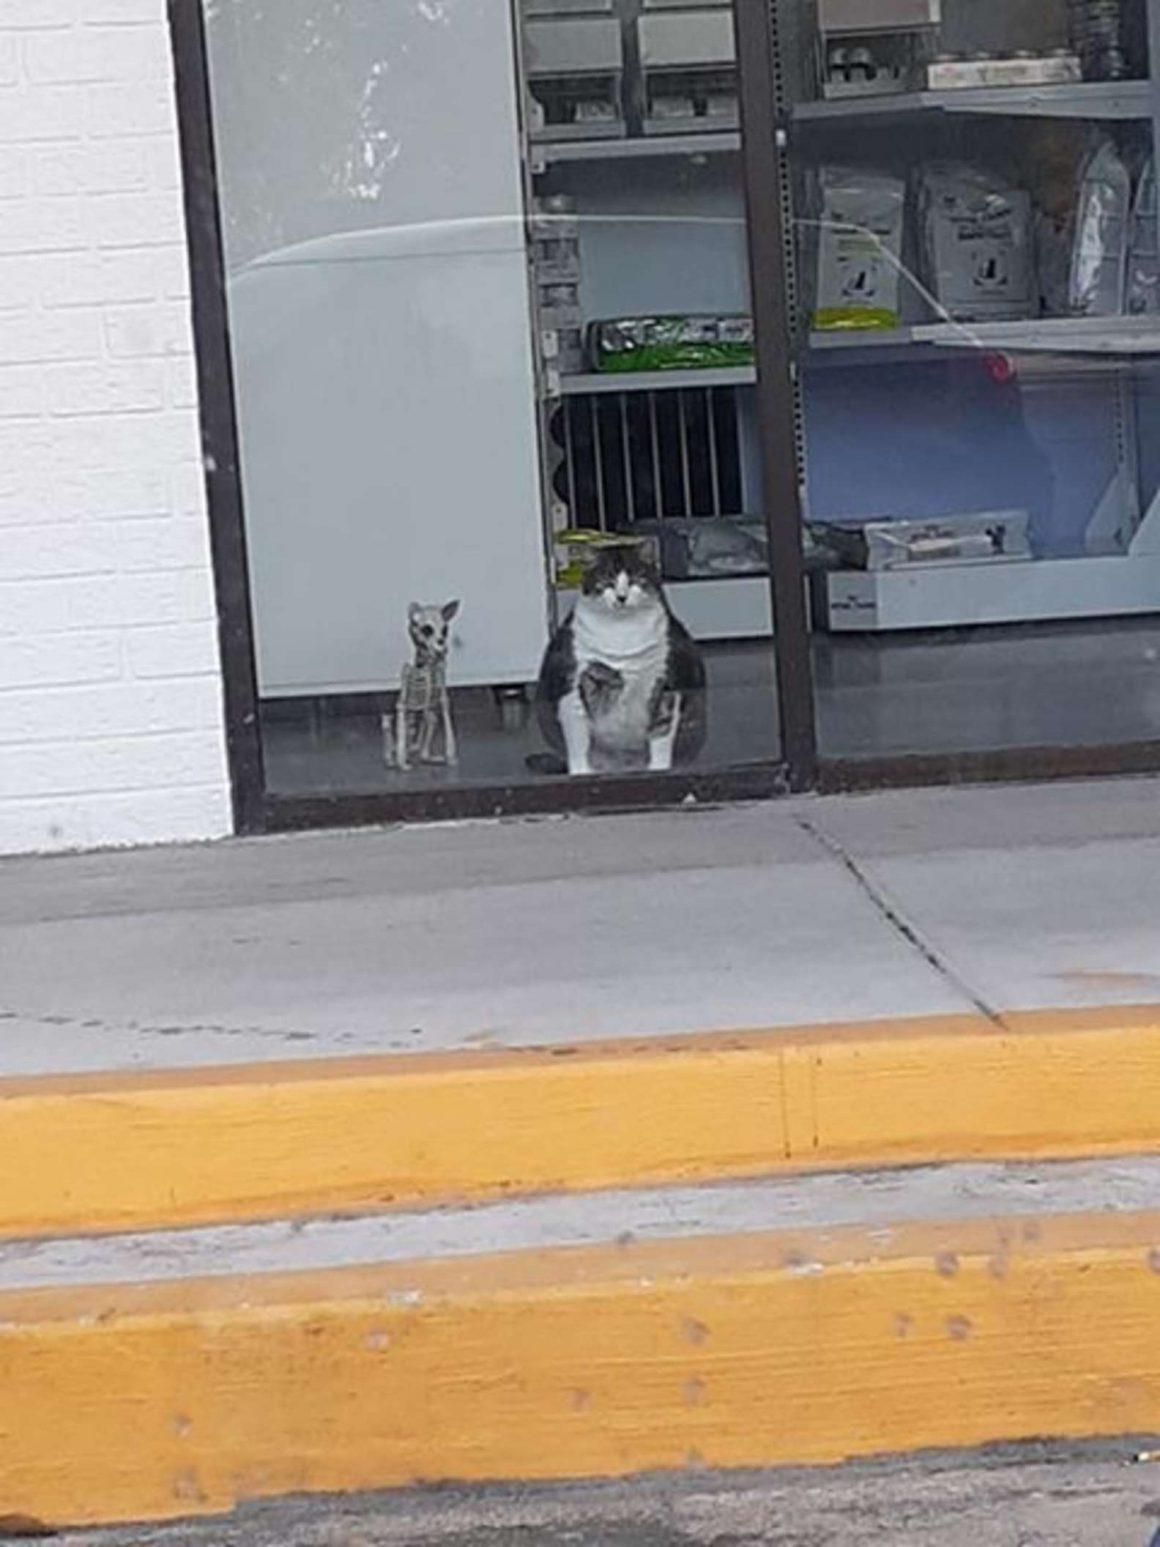 kucing gemuk di balik jendela kaca